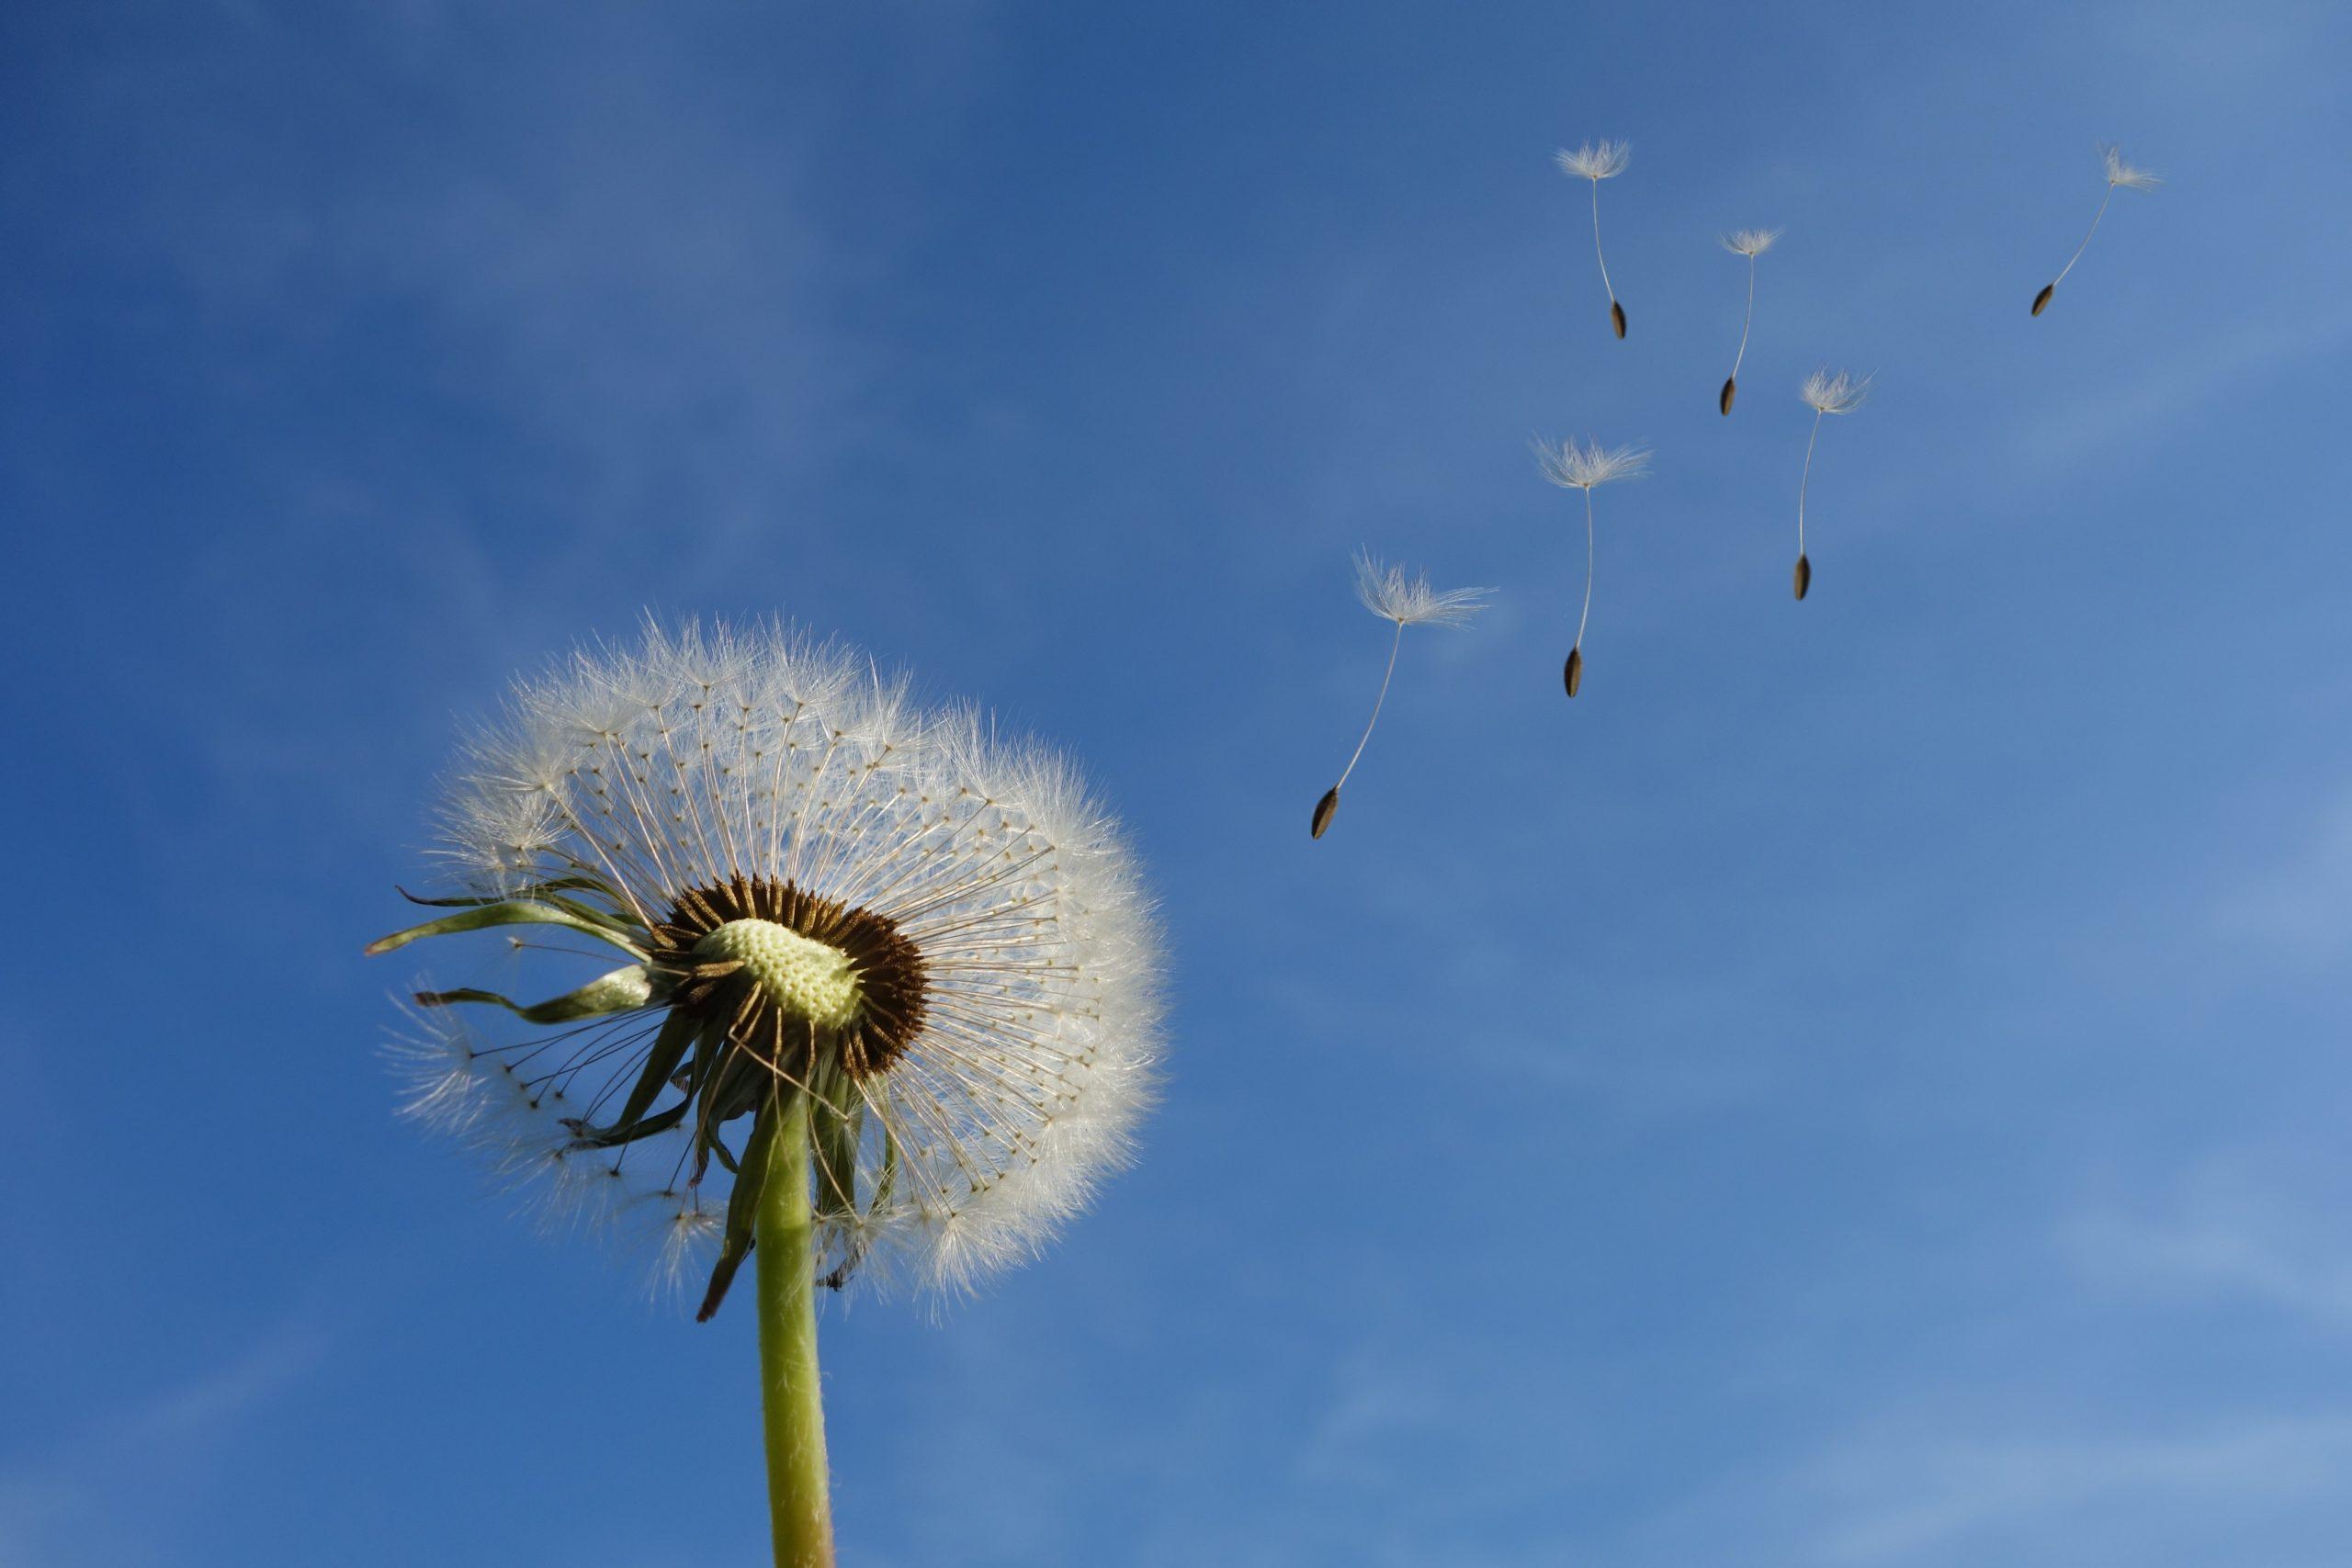 Ces petites choses toutes douces sur lesquelles on adore souffler sont les fruits du pissenlit, autrement appelés akènes. On parle de parachute.